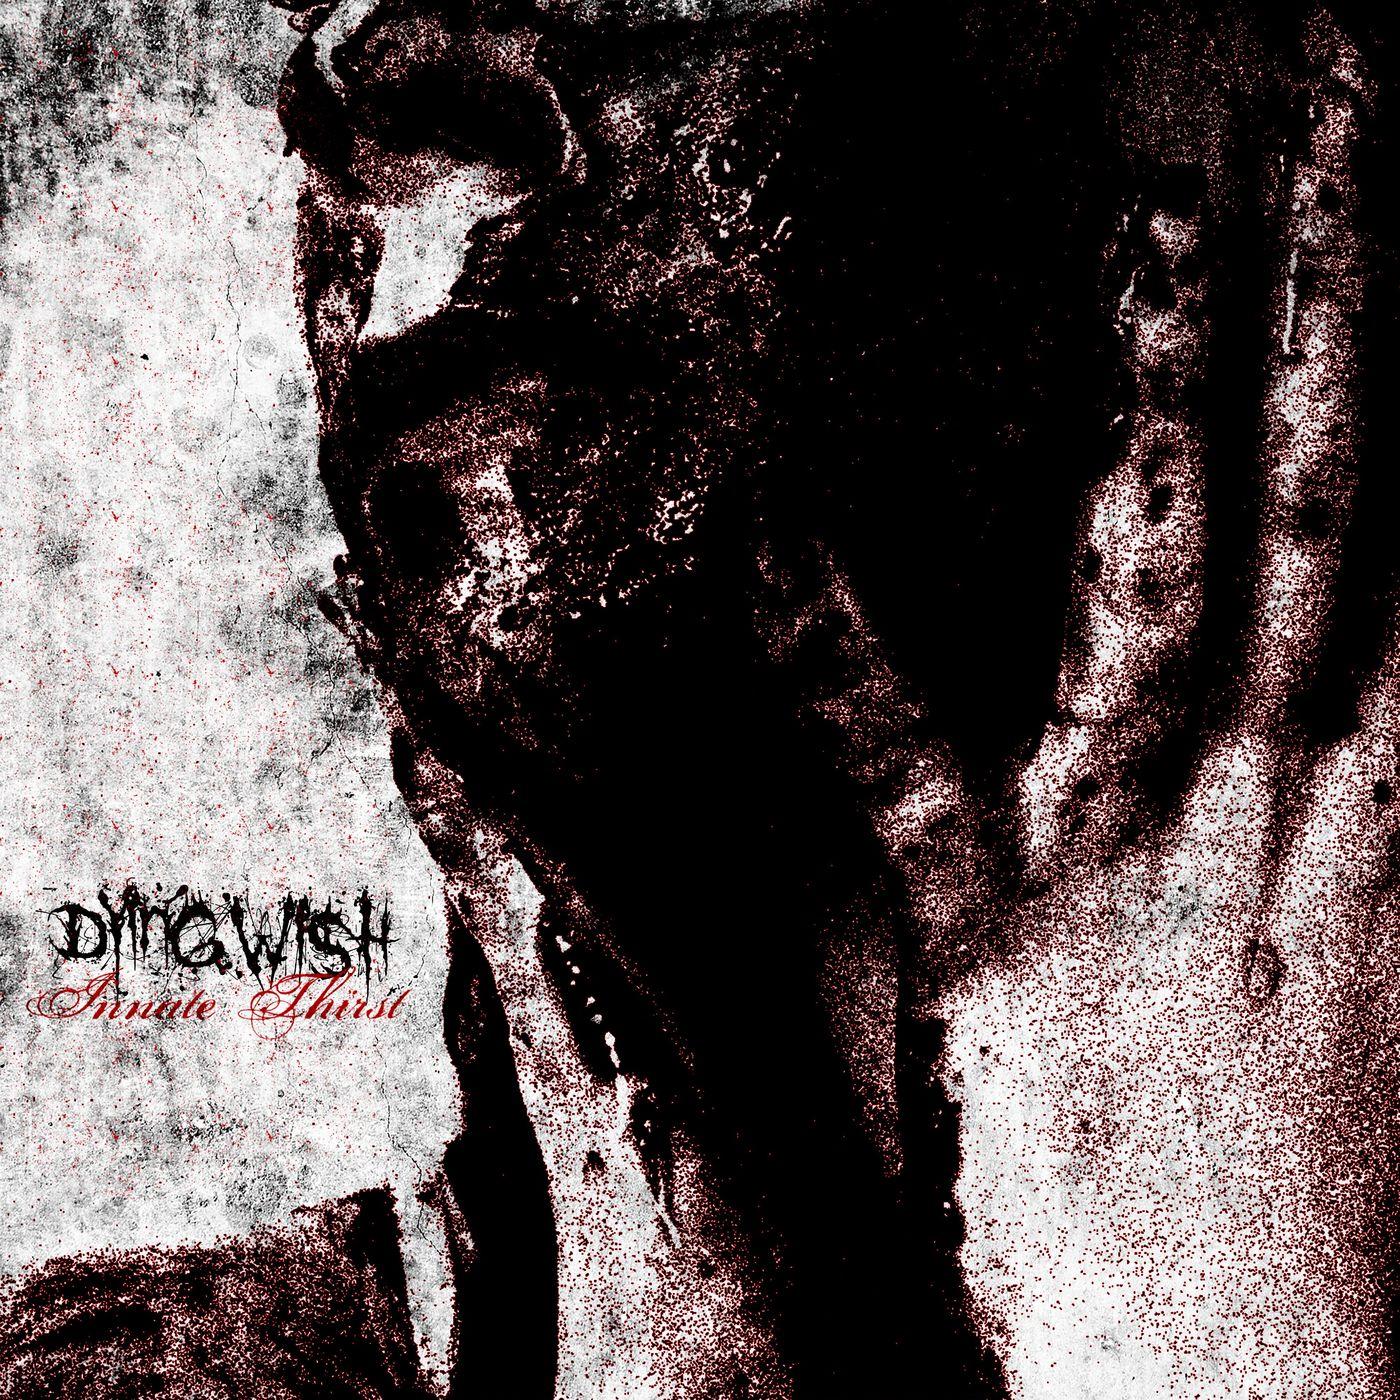 Dying Wish - Innate Thirst [single] (2020)